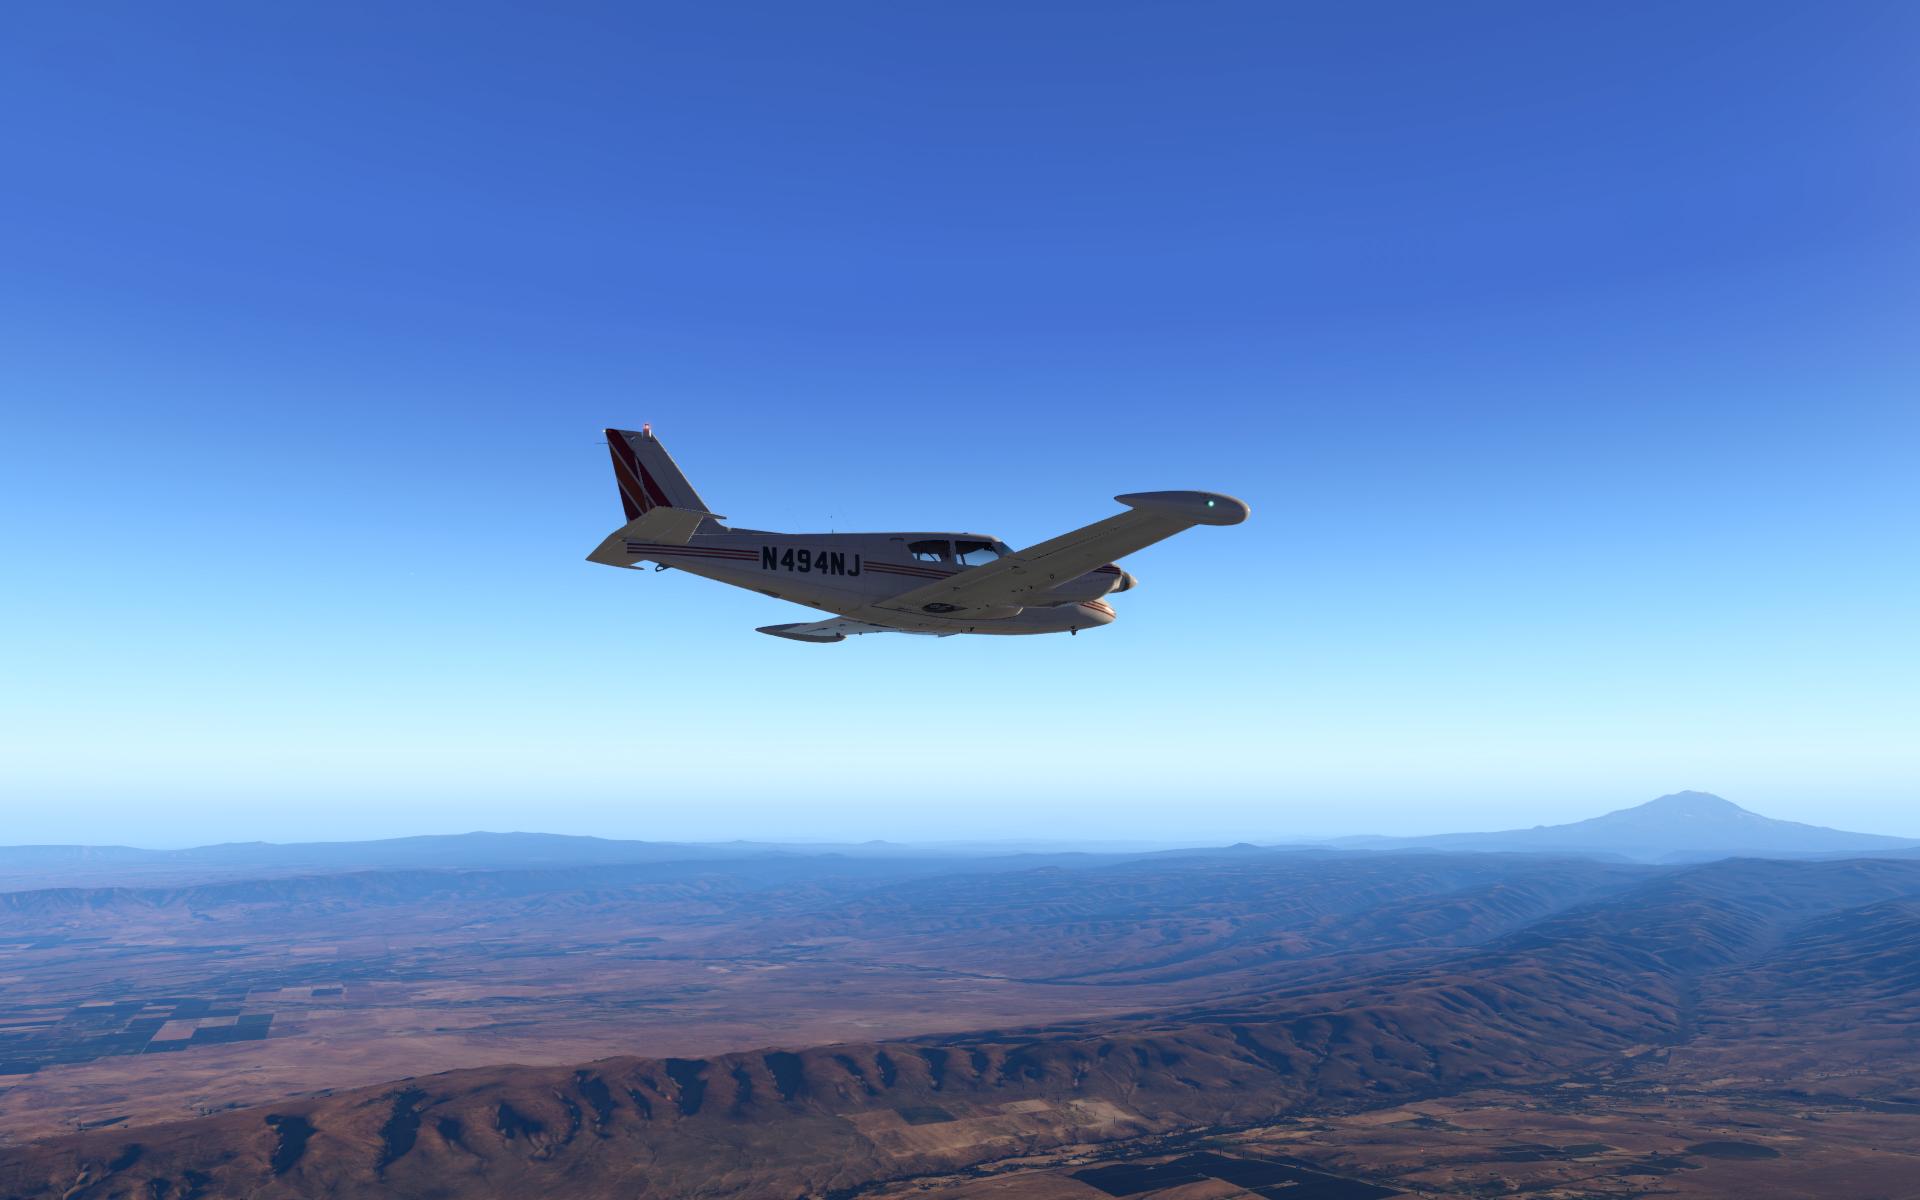 Twin-Comanche-2020-03-10-22-55-05.jpg